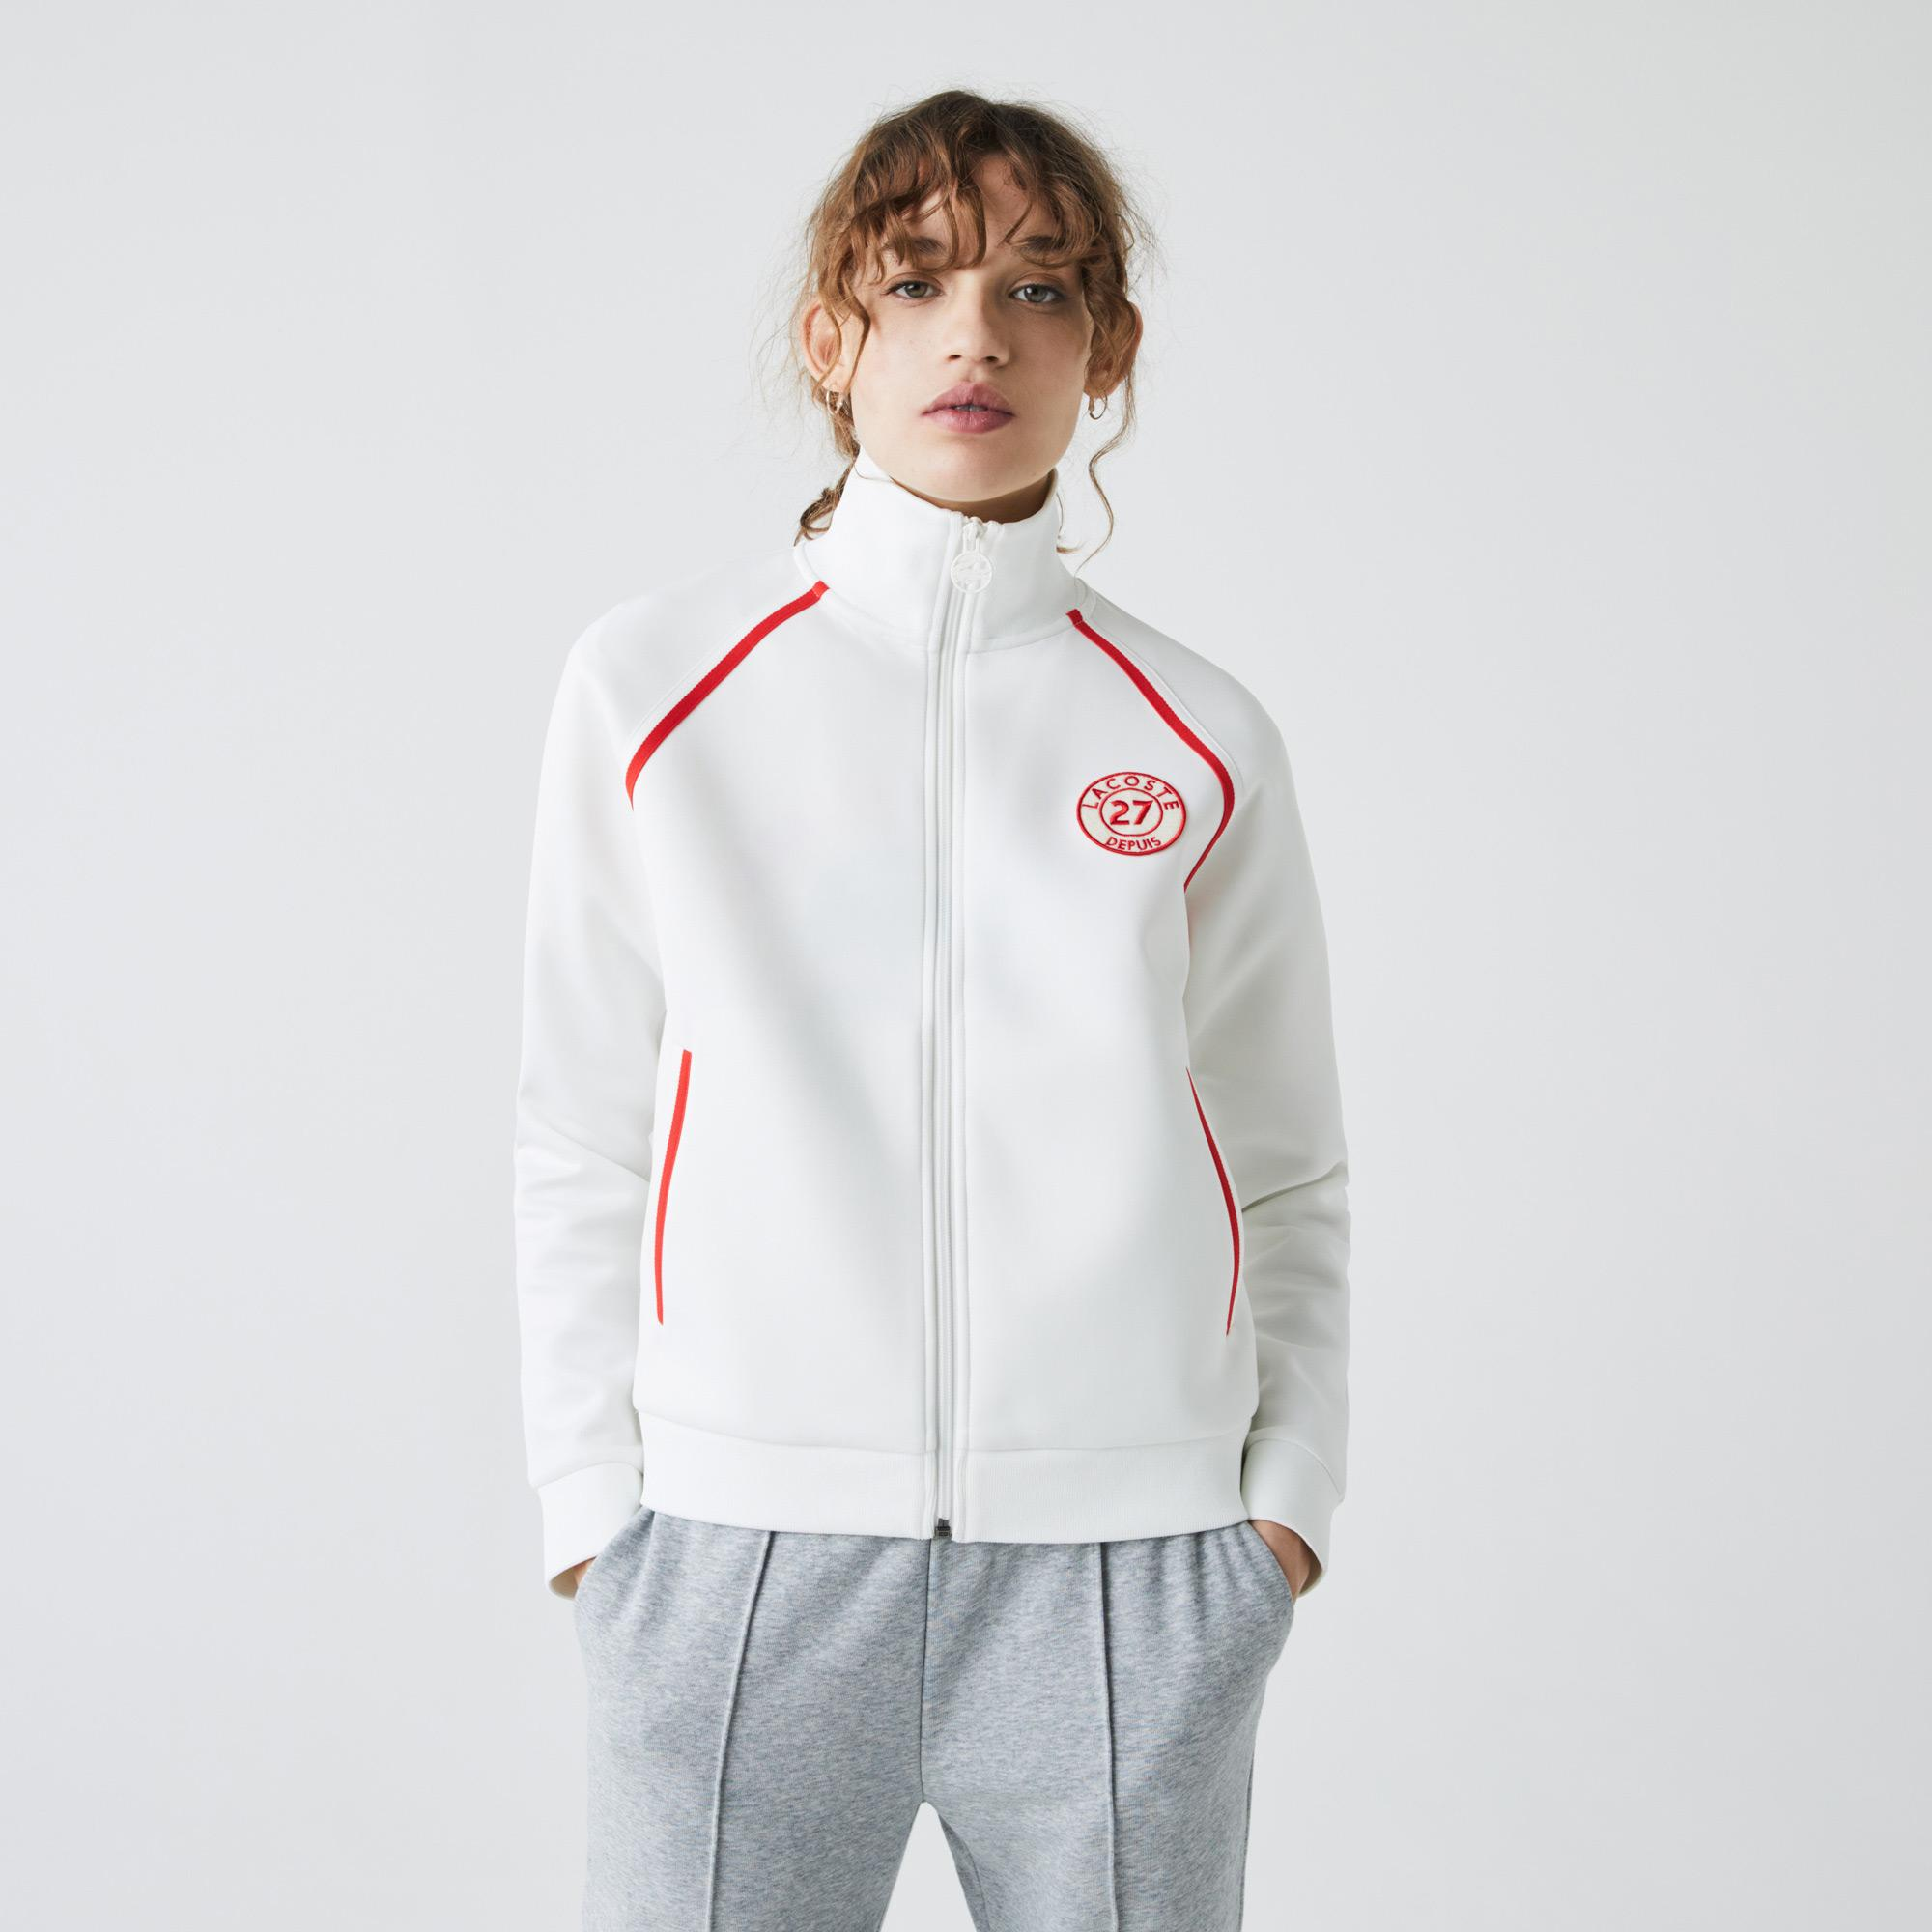 Lacoste Women's Stand-Up Collar Vintage Style Zip Sweatshirt